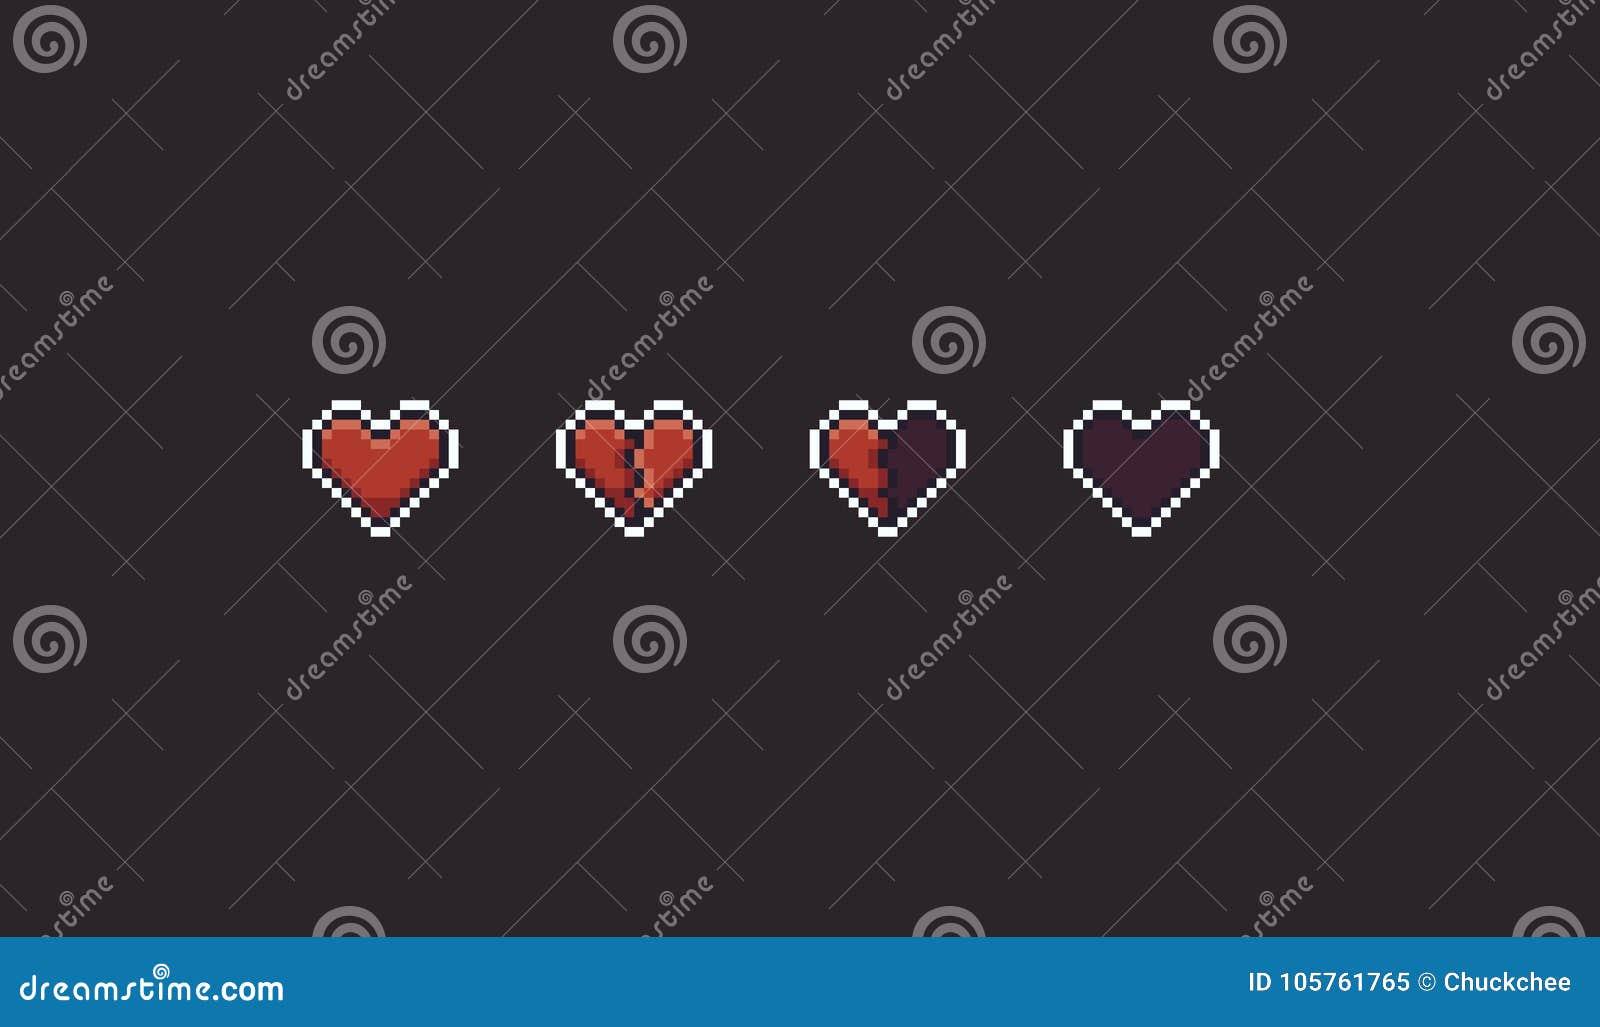 Pixel Art Hearts